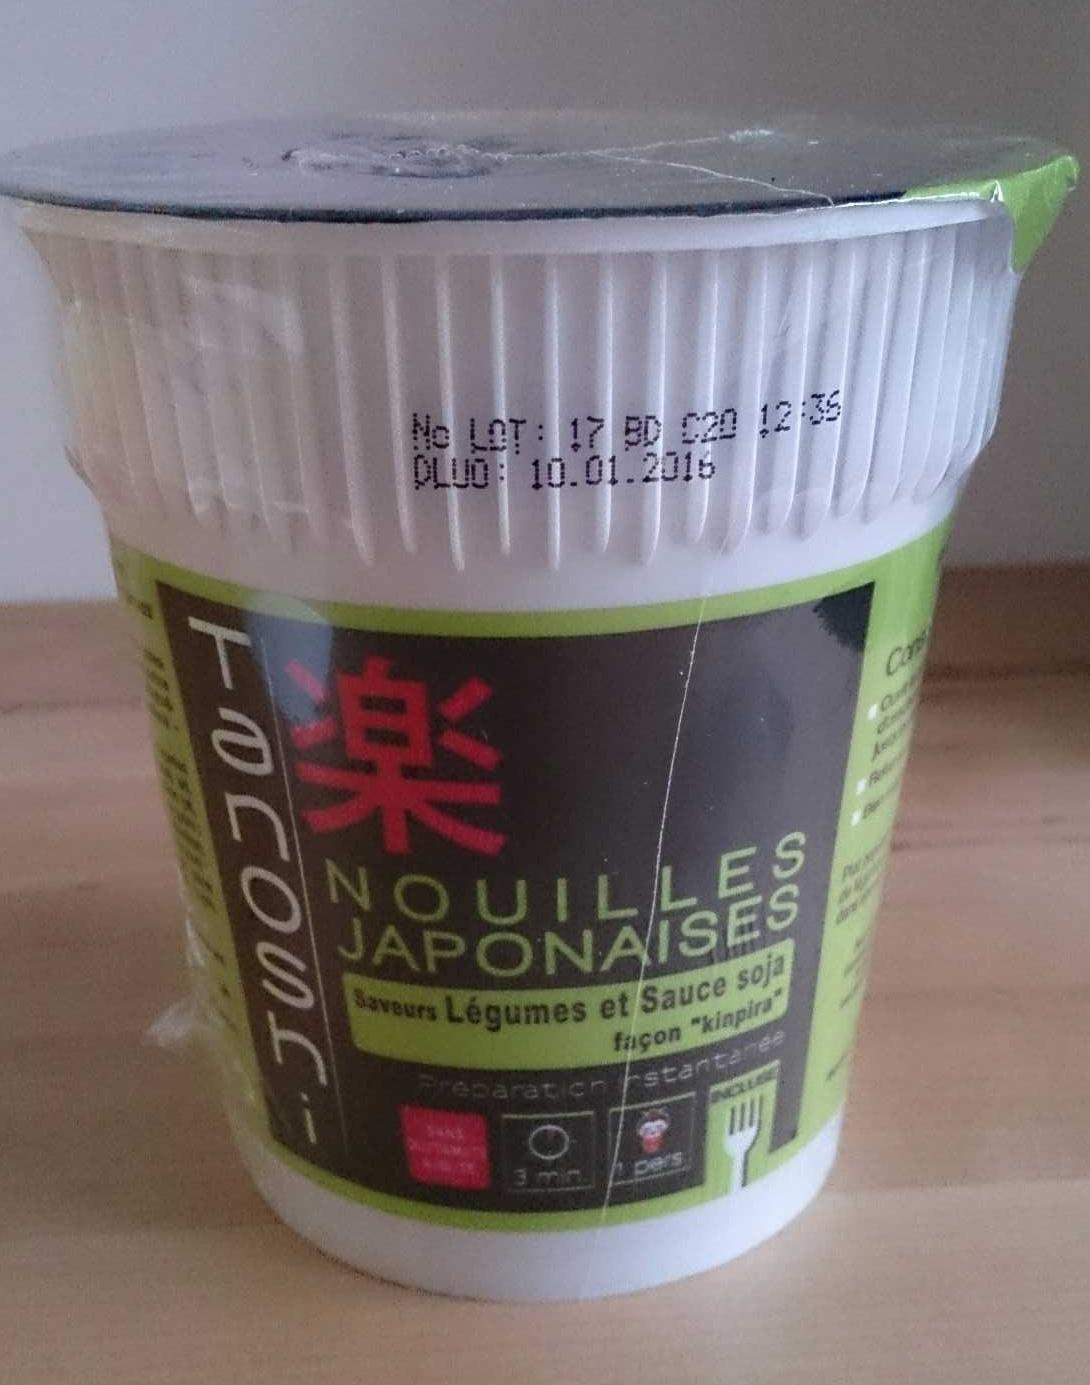 Nouilles Japonaises saveurs légumes et sauce soja - Product